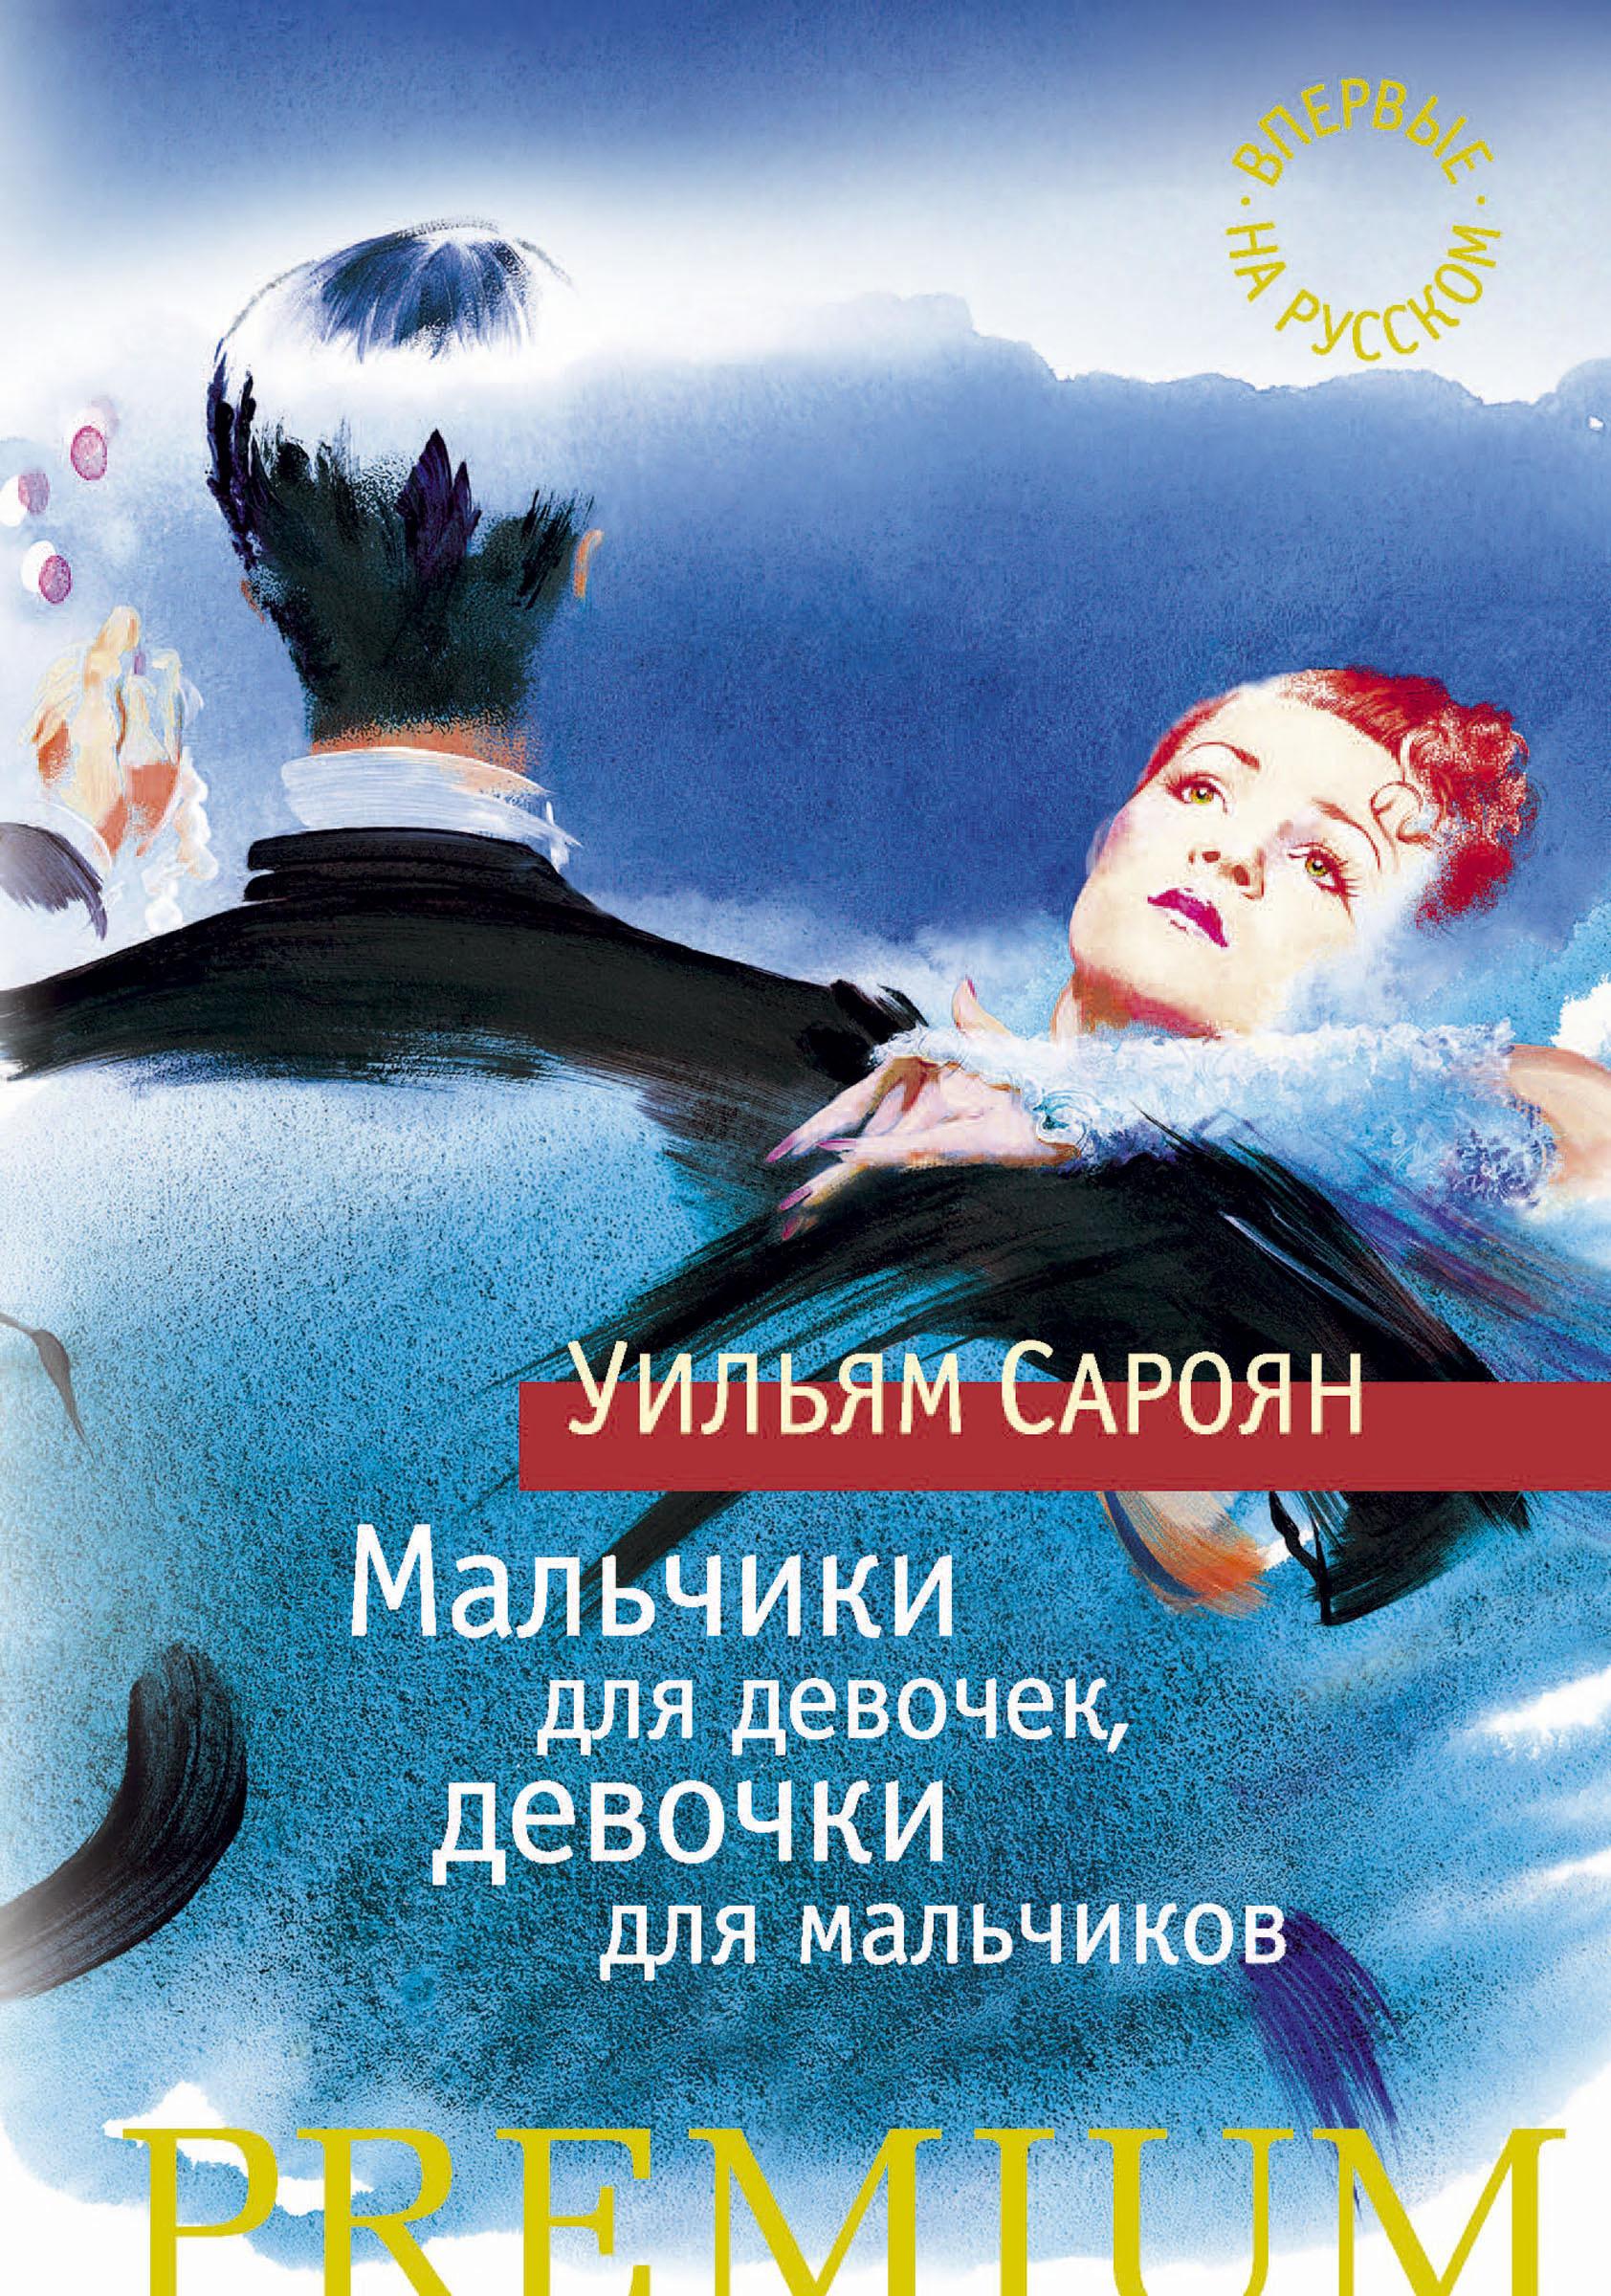 Уильям Сароян Мальчики для девочек, девочки для мальчиков уильям сароян отважный юноша на летящей трапеции